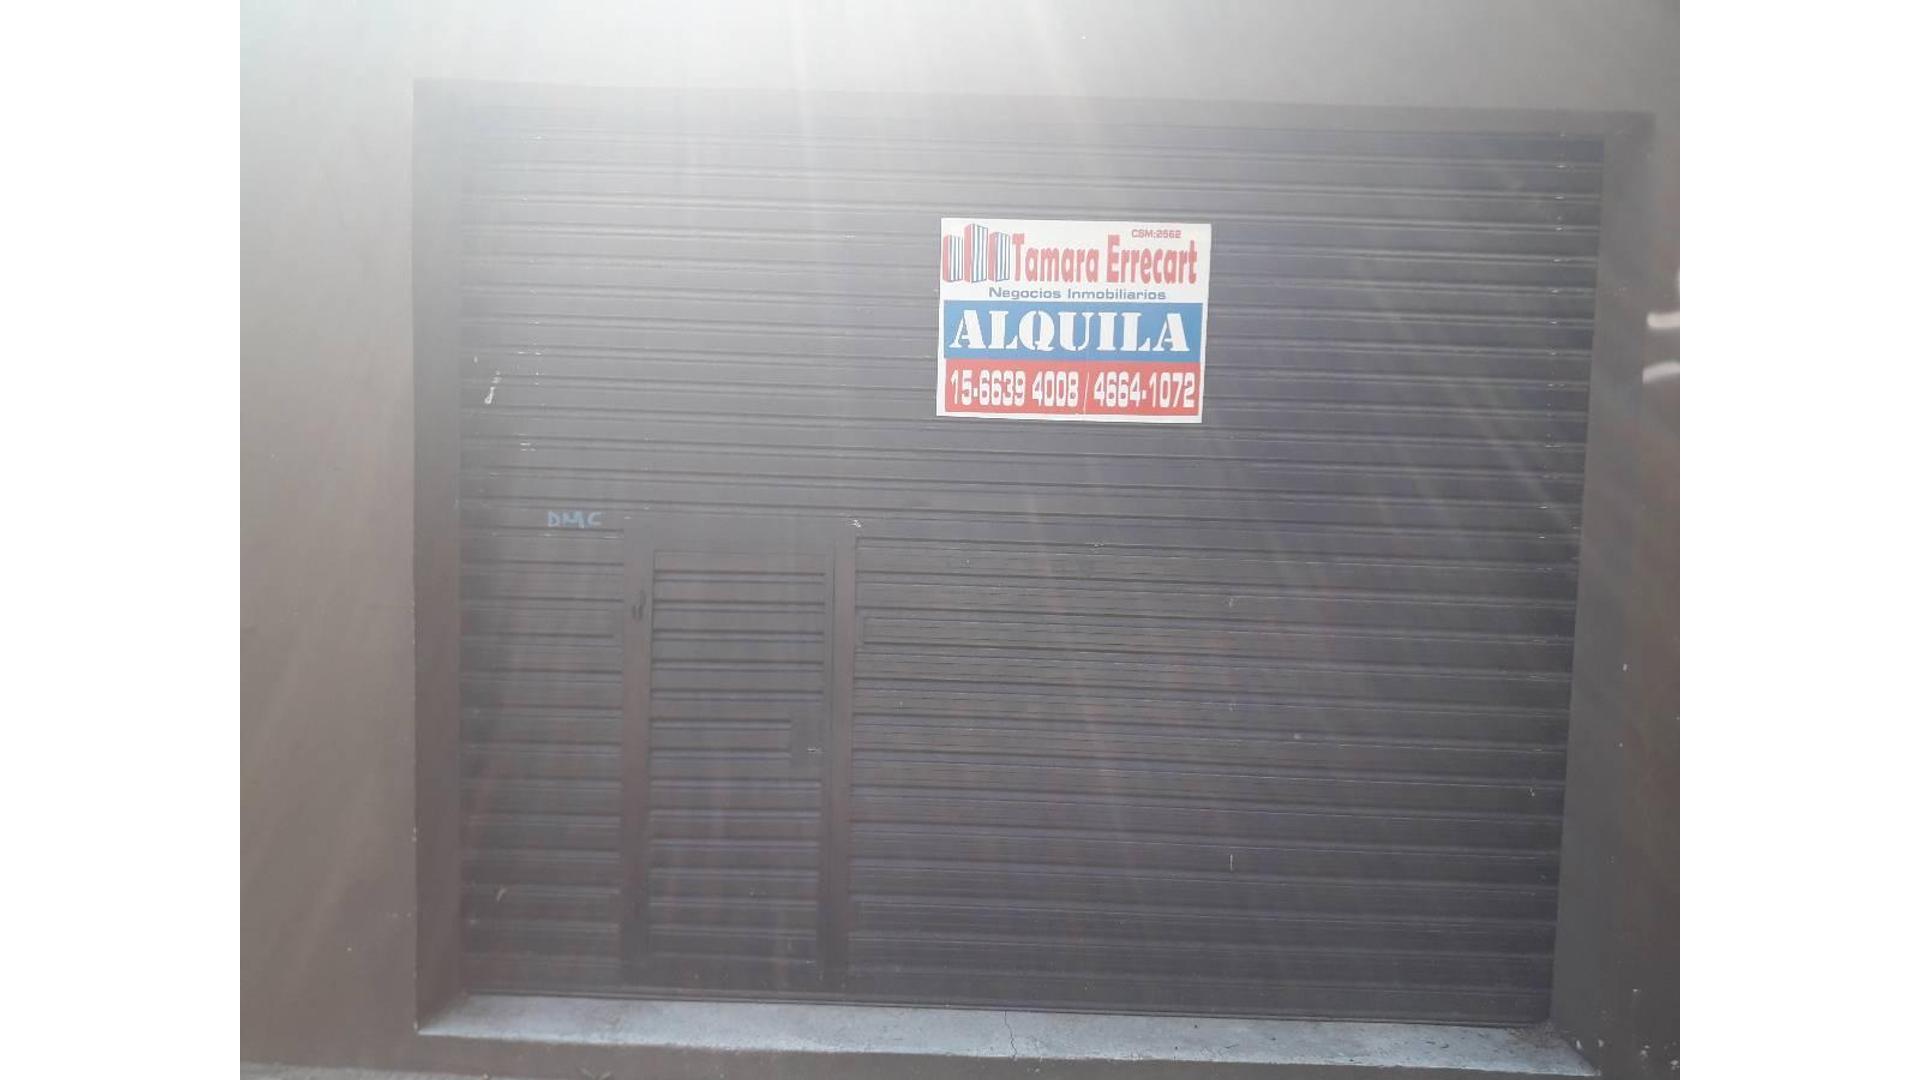 Farias 100 - $ 8.500 - Local Alquiler